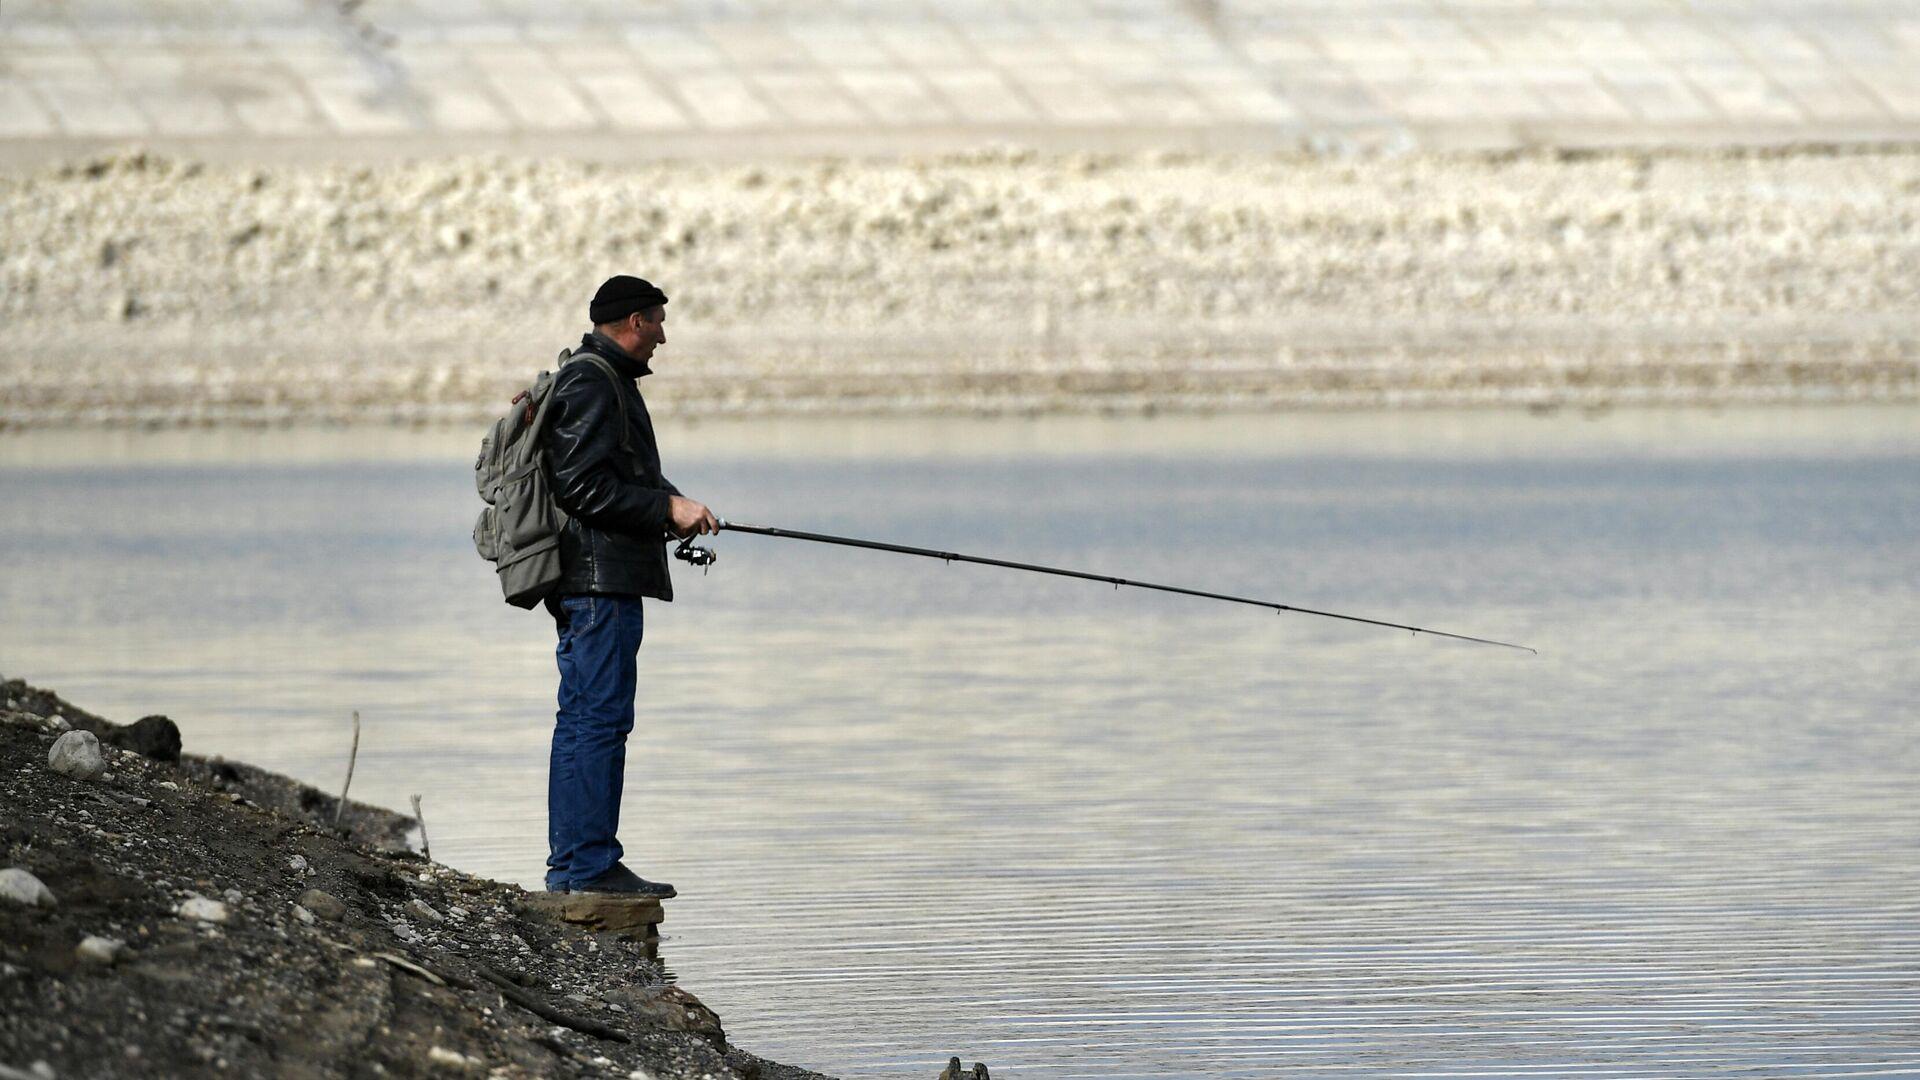 Человек ловит рыбу на берегу Аянского водохранилища в Крыму - РИА Новости, 1920, 21.12.2020